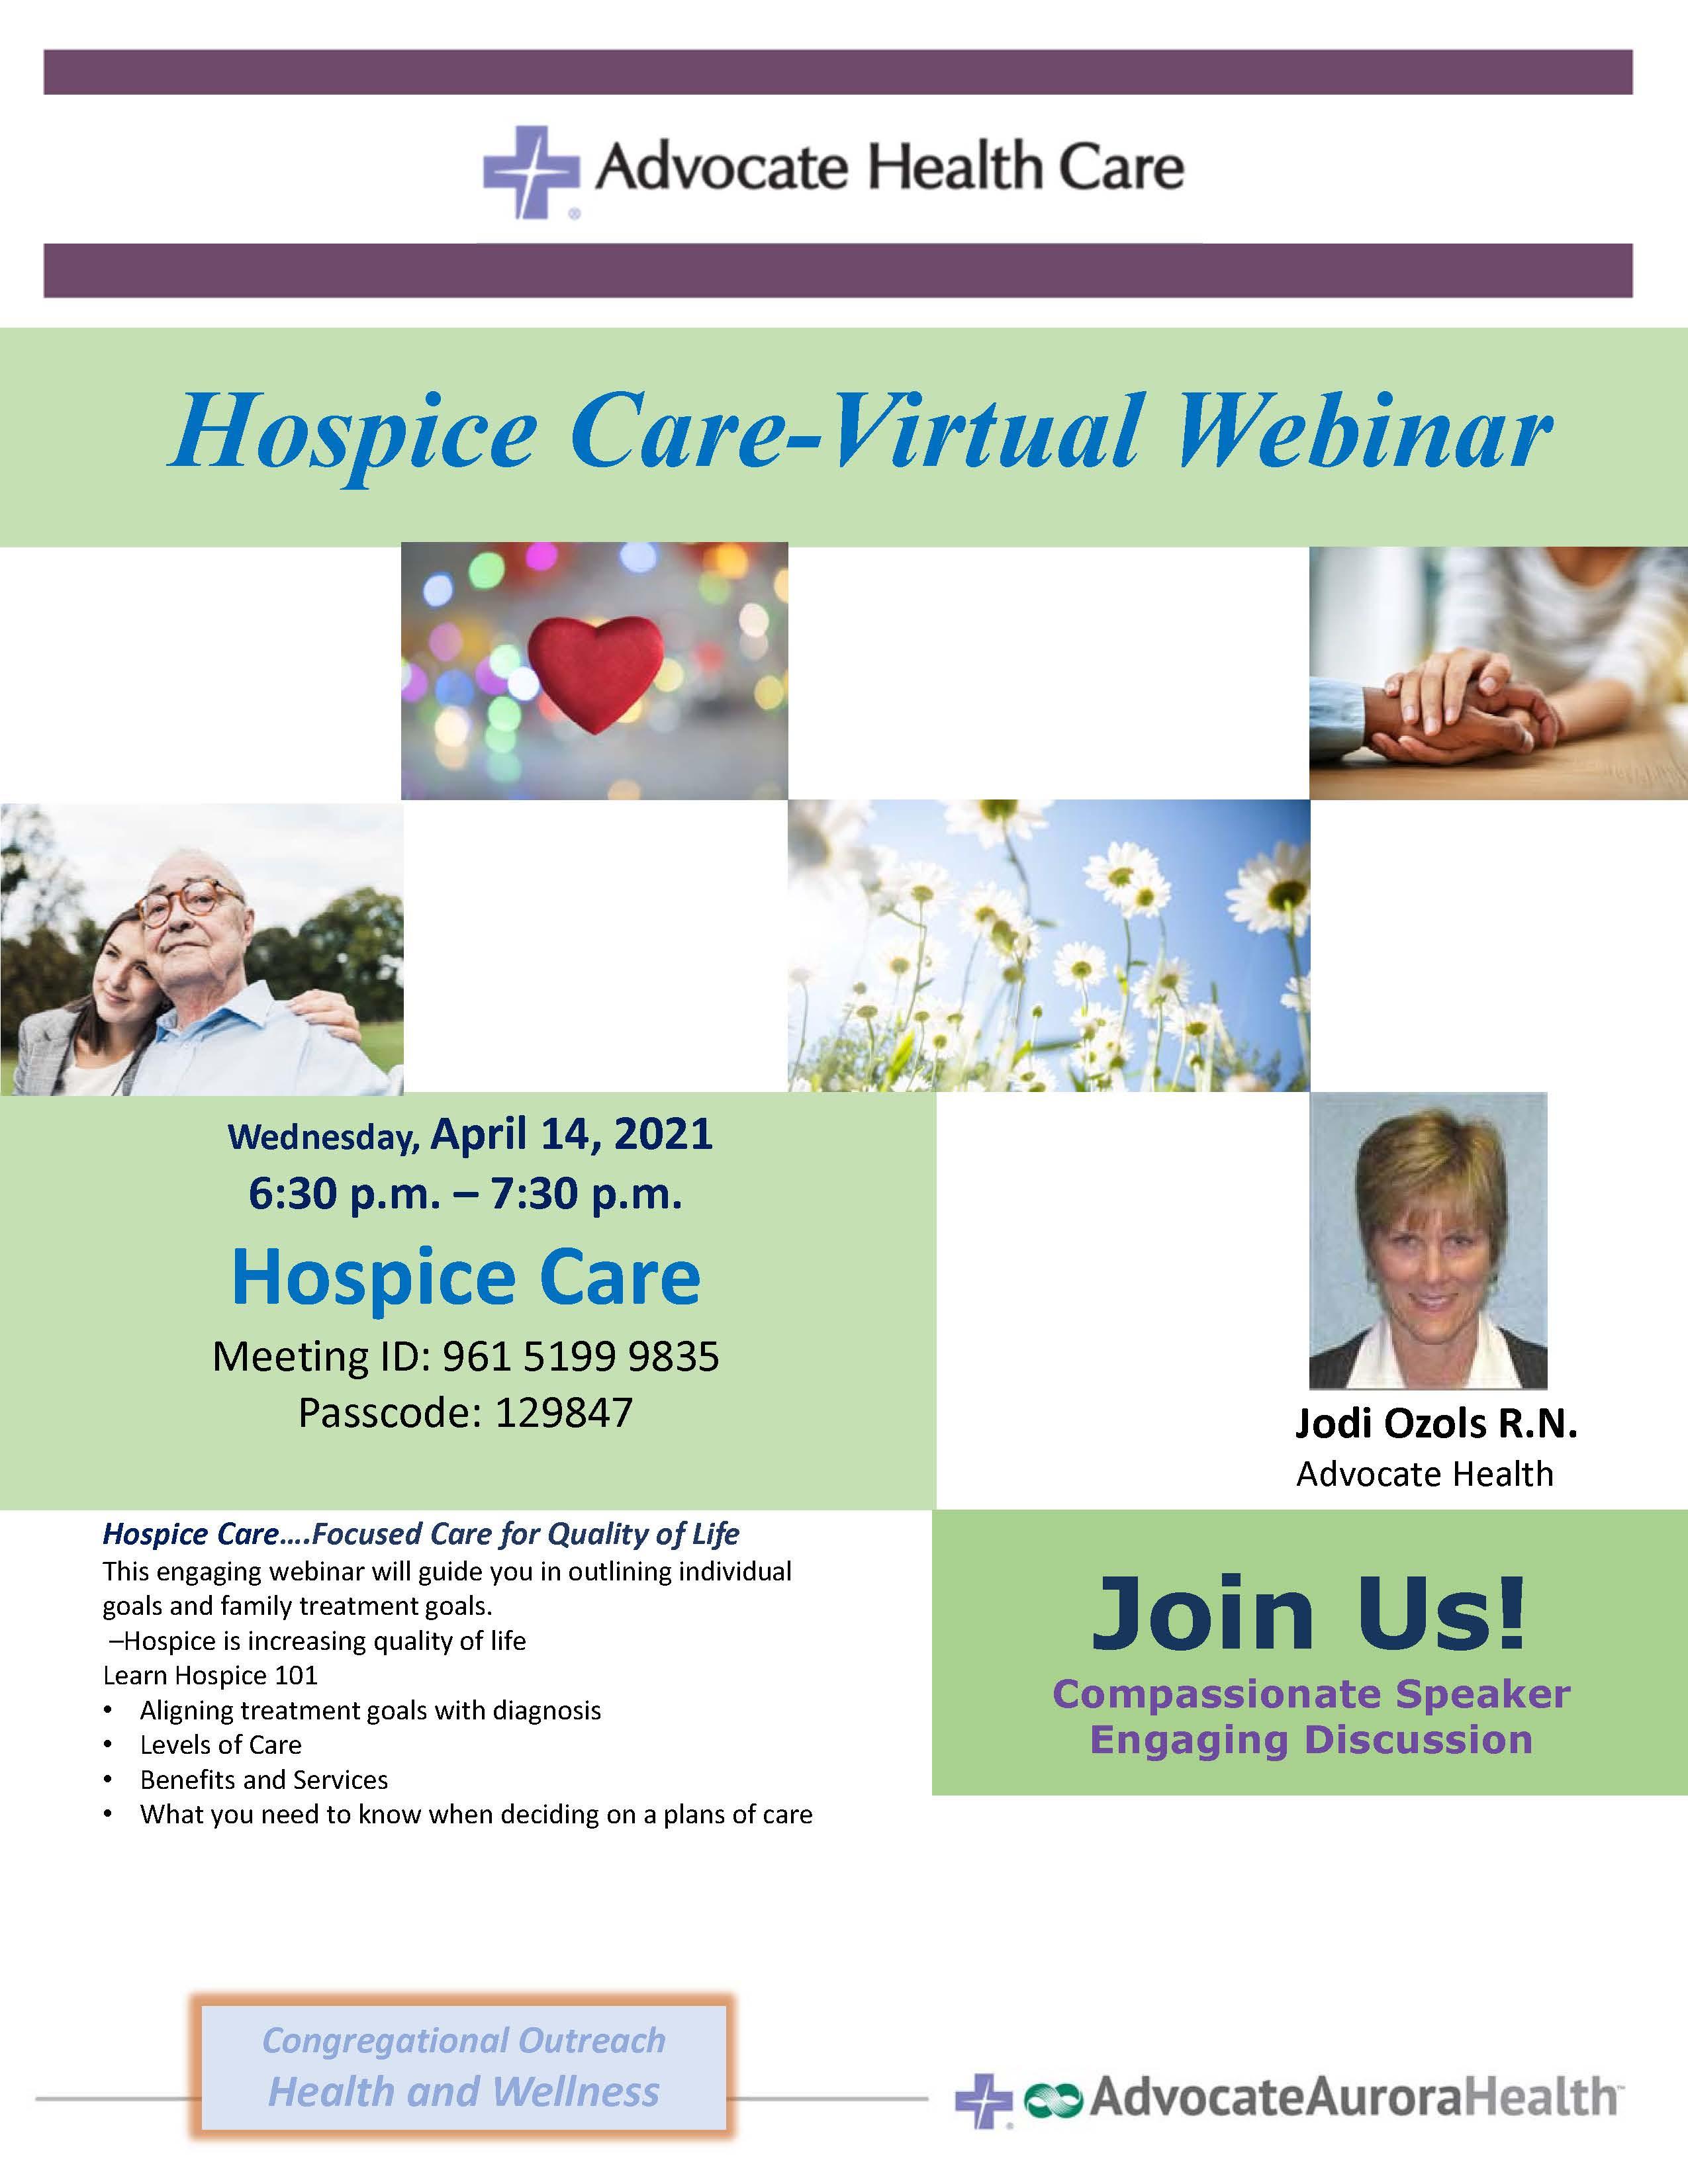 April 14 hospice care qephlx